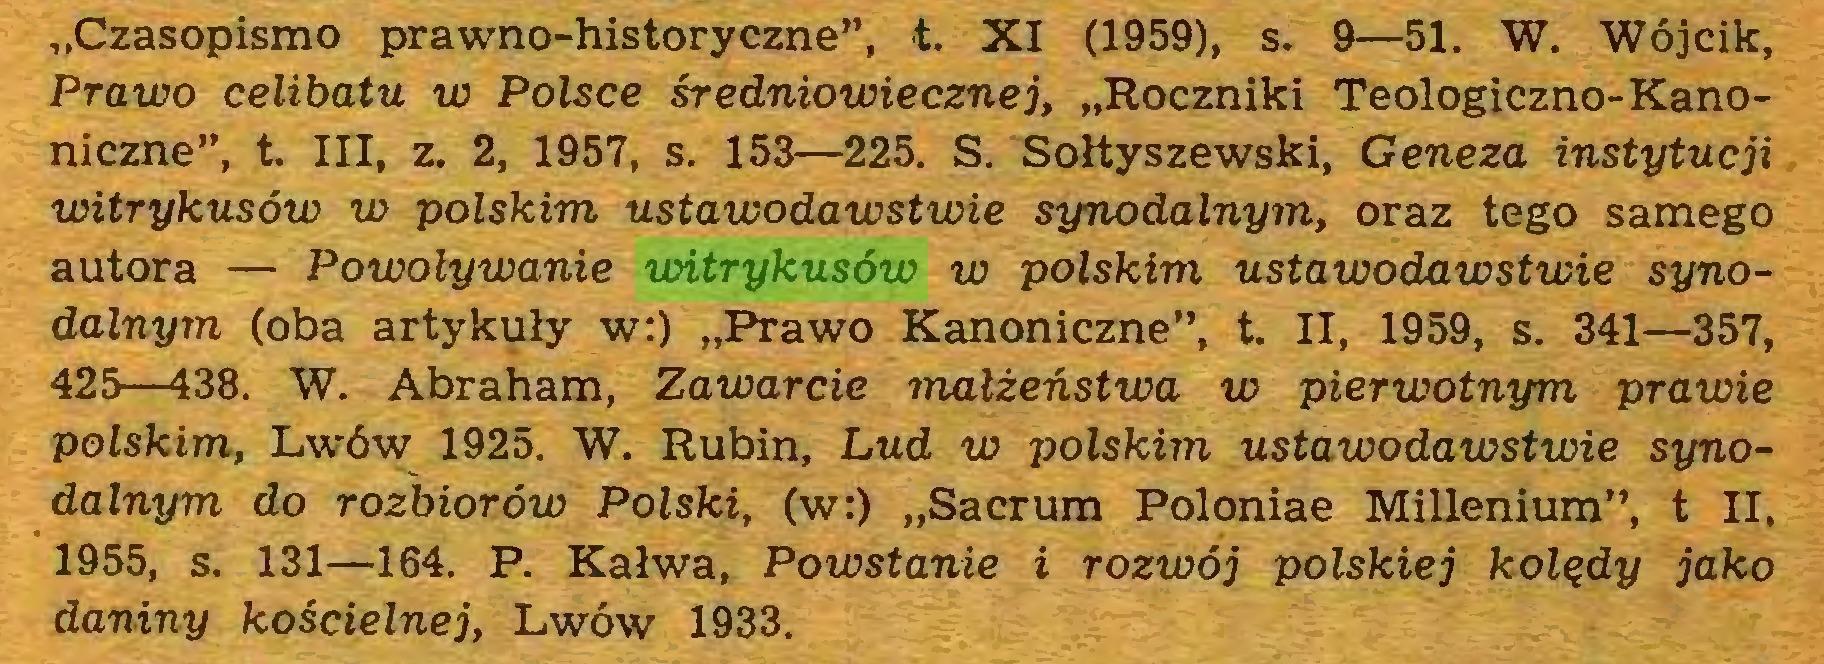 """(...) """"Czasopismo prawno-historyczne"""", t. XI (1959), s. 9—51. W. Wójcik, Prawo celibatu w Polsce średniowiecznej, """"Roczniki Teologiczno-Kanoniczne"""", t III, z. 2, 1957, s. 153—225. S. Sołtyszewski, Geneza instytucji witrykusów w polskim ustawodawstwie synodalnym, oraz tego samego autora — Powoływanie witrykusów w polskim ustawodawstwie synodalnym (oba artykuły w:) """"Prawo Kanoniczne"""", t. II, 1959, s. 341—357, 425—438. W. Abraham, Zawarcie małżeństwa w pierwotnym prawie polskim, Lwów 1925. W. Rubin, Lud w polskim ustawodawstwie synodalnym do rozbiorów Polski, (w:) """"Sacrum Poloniae Millenium"""", t II, 1955, s. 131—164. P. Kałwa, Powstanie i rozwój polskiej kolędy jako daniny kościelnej, Lwów 1933..."""